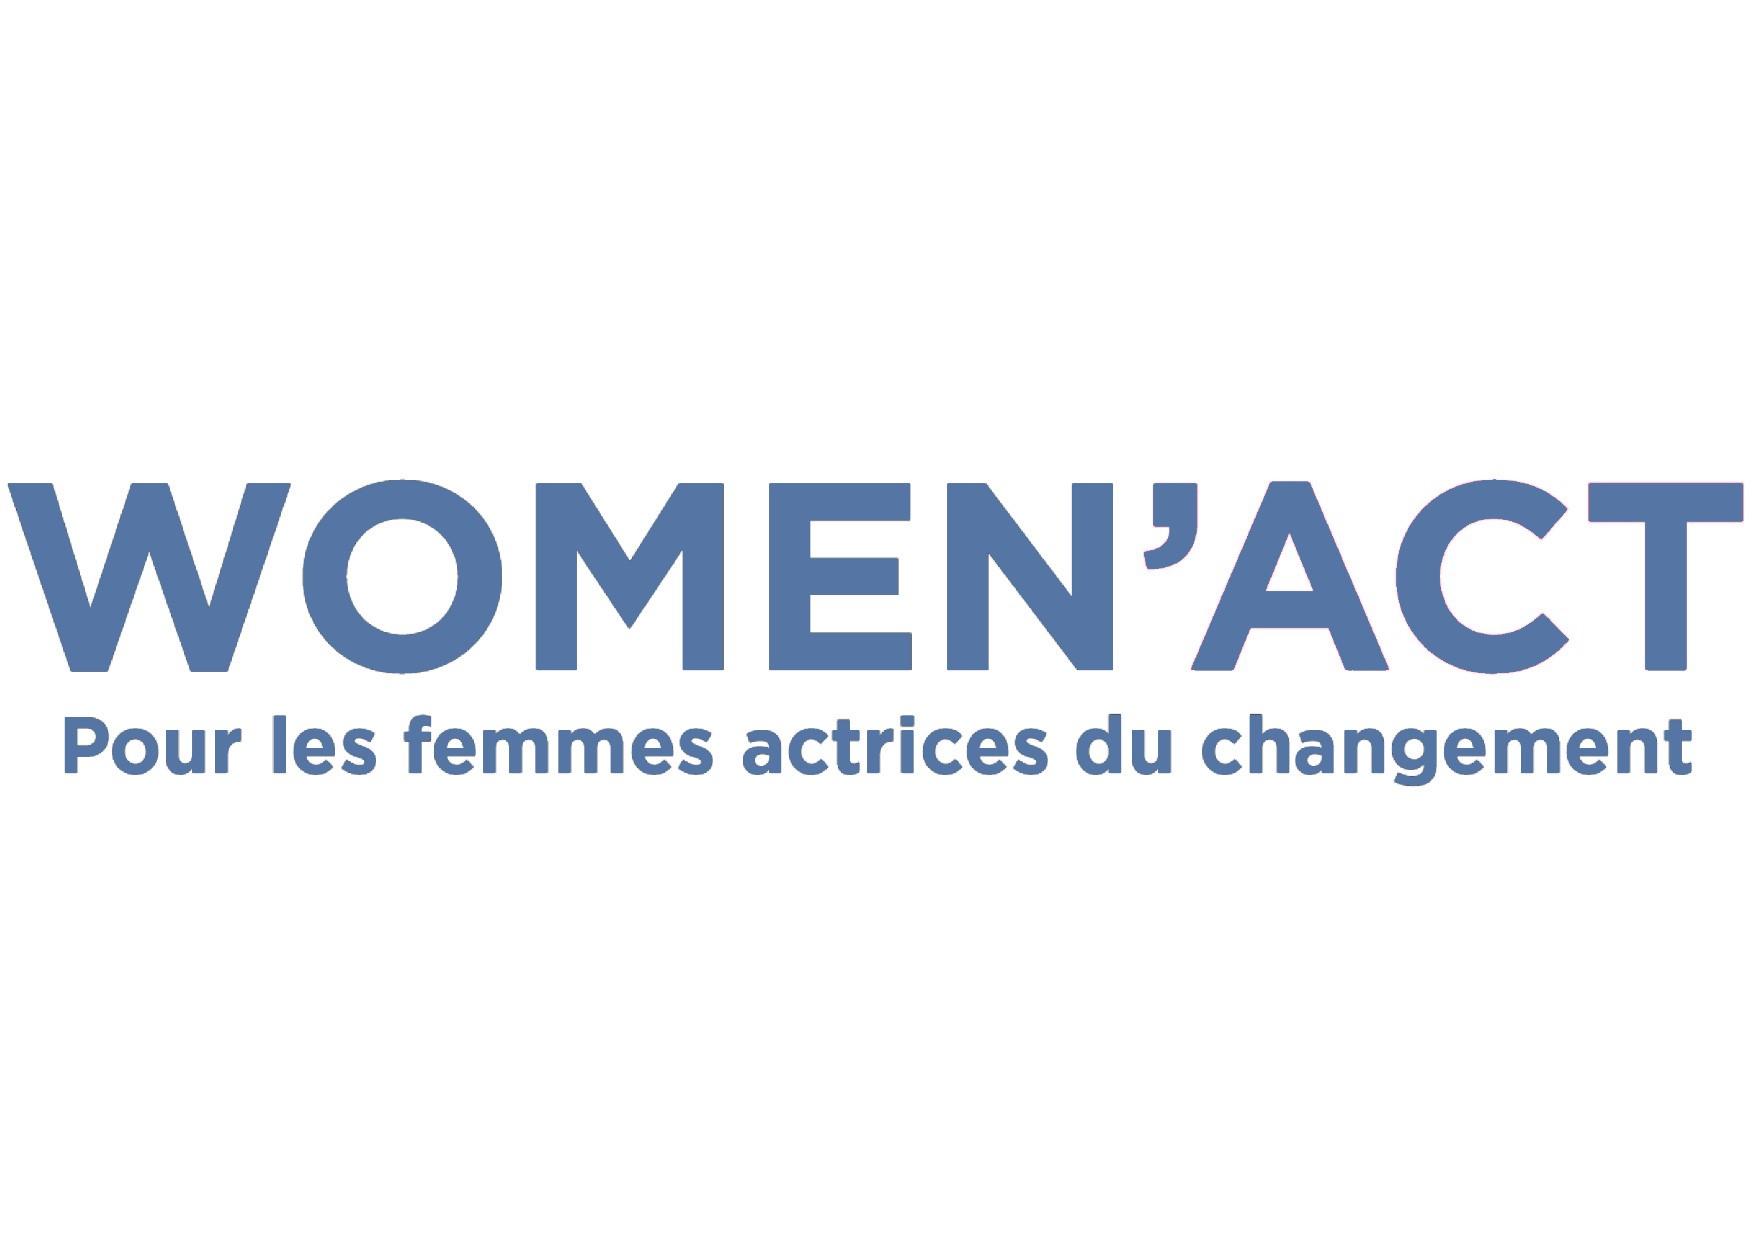 Logo Women act au bleu d'Assopreneur·e